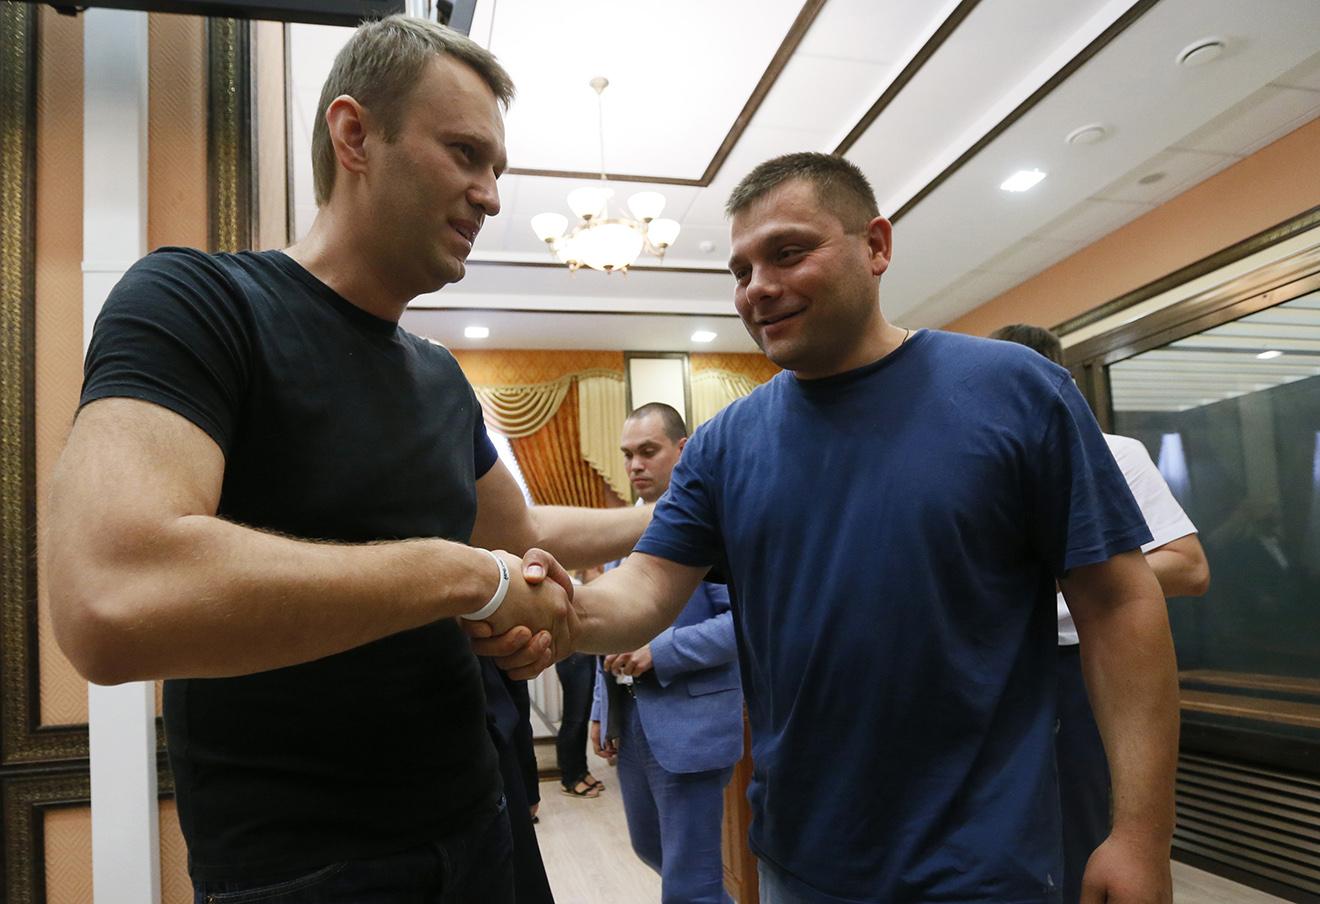 Алексей Навальный и Петр Офицеров. Фото: Дмитрий Ловетский